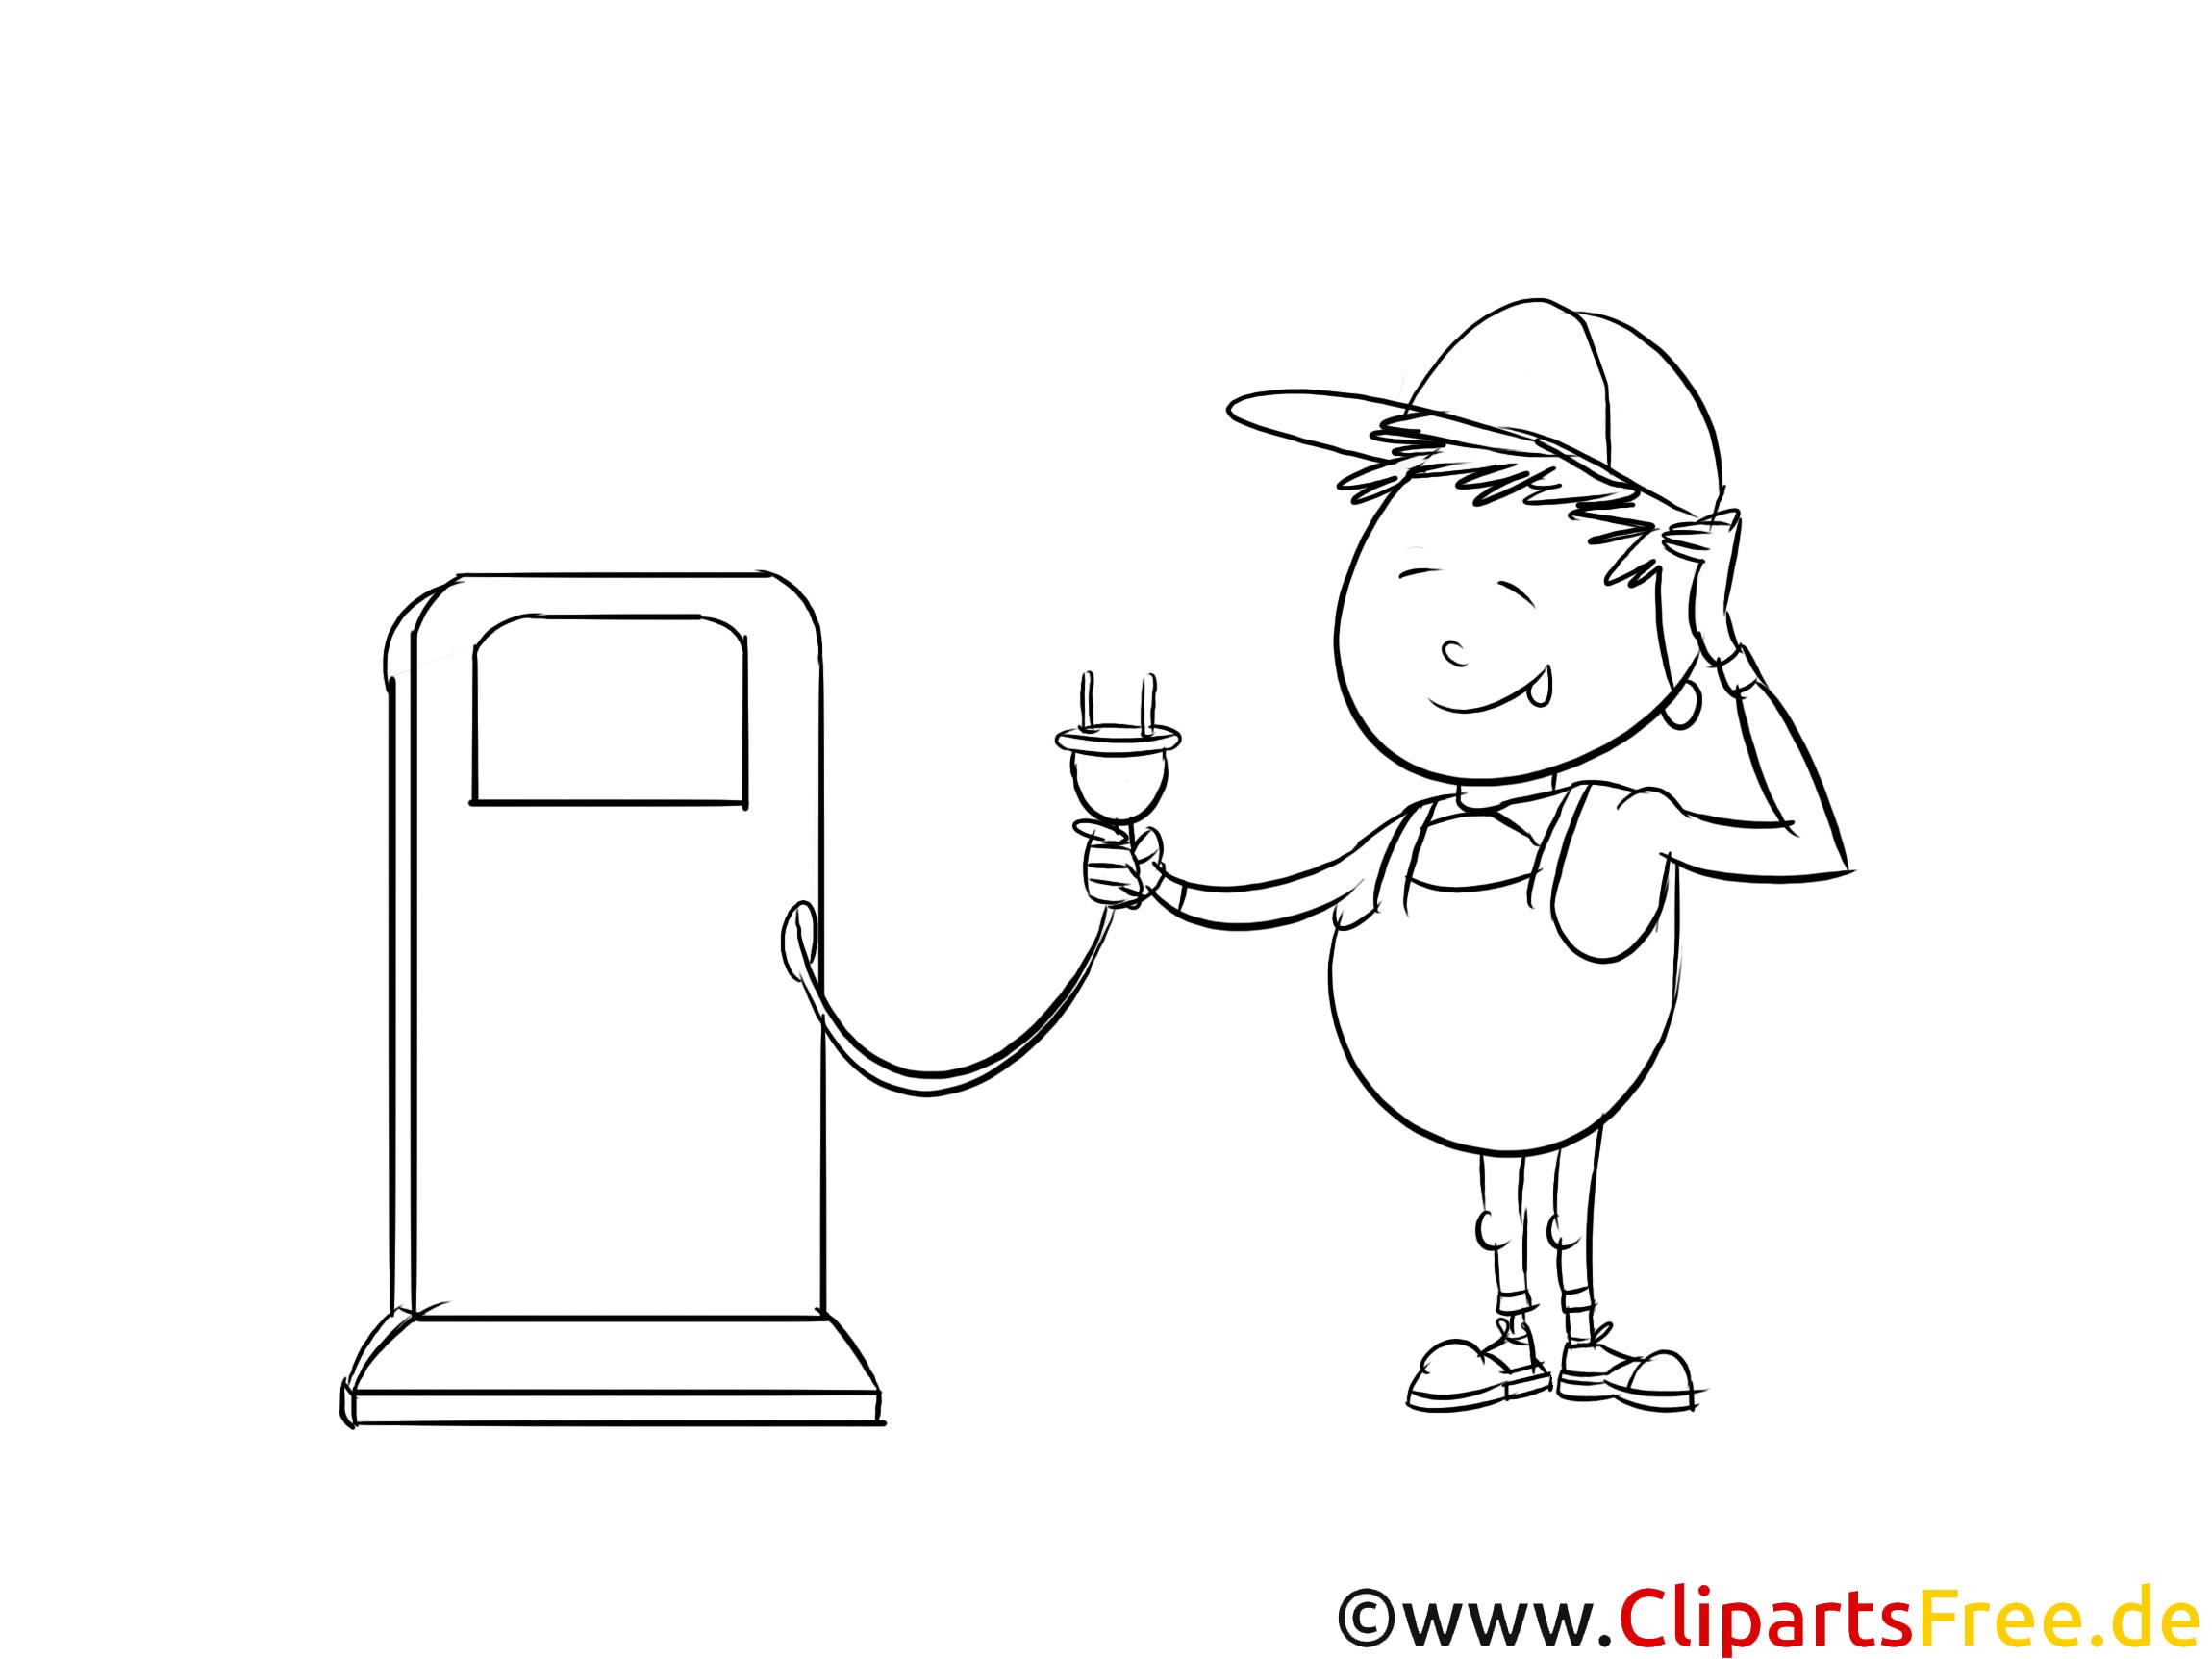 Clipart Elektro Auto an einer Ladestation aufladen